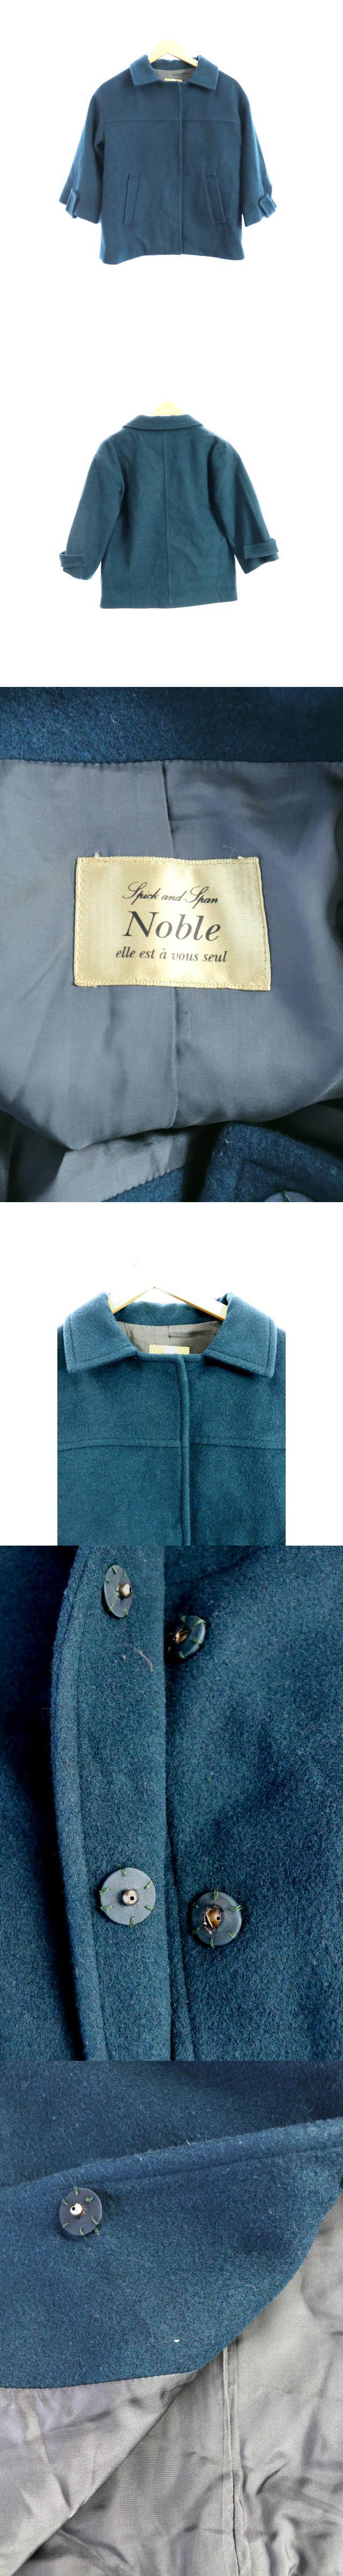 コート ステンカラー 七分丈 ボタンアップ フライフロント 総裏地 フェルト調 ウール カシミヤ混 36 紺 ネイビー 青 ブルー /SY